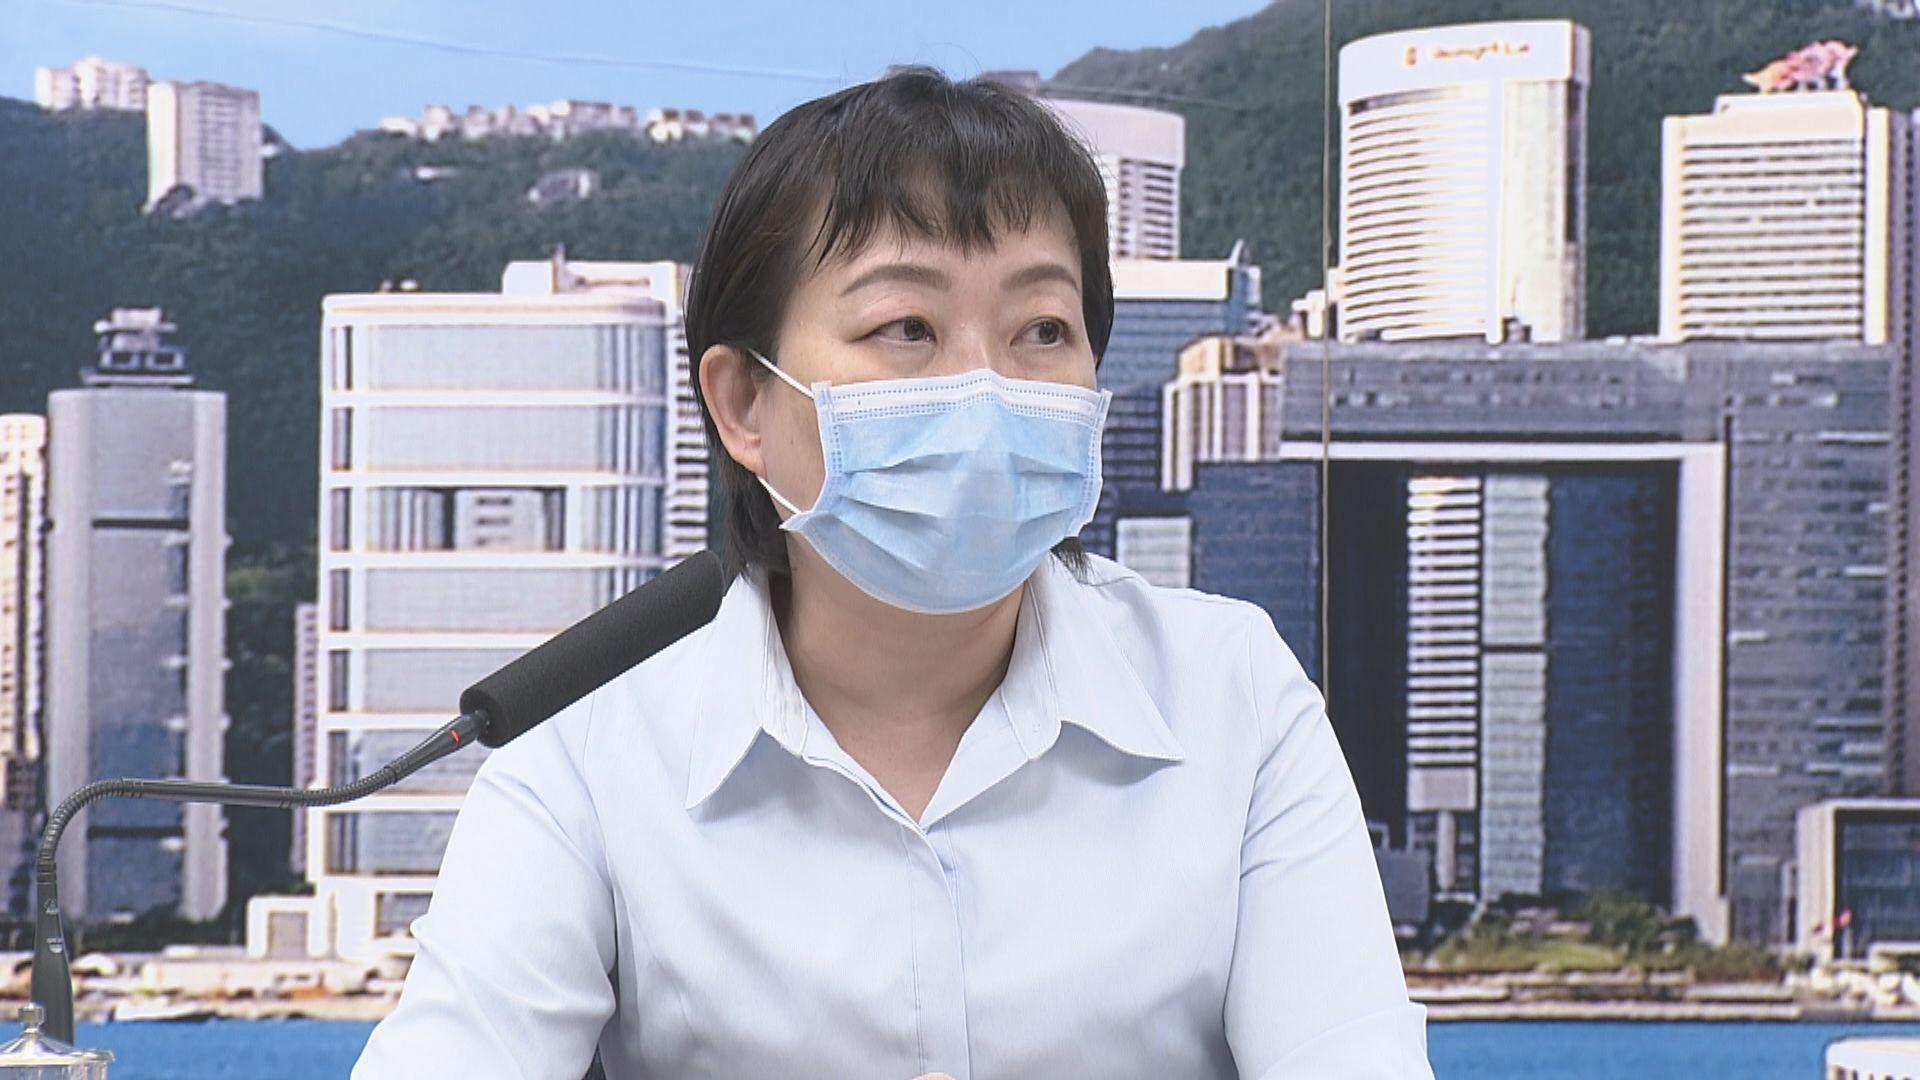 確診機師4月檢測呈陰性 防護中心指因病毒量低結果反覆